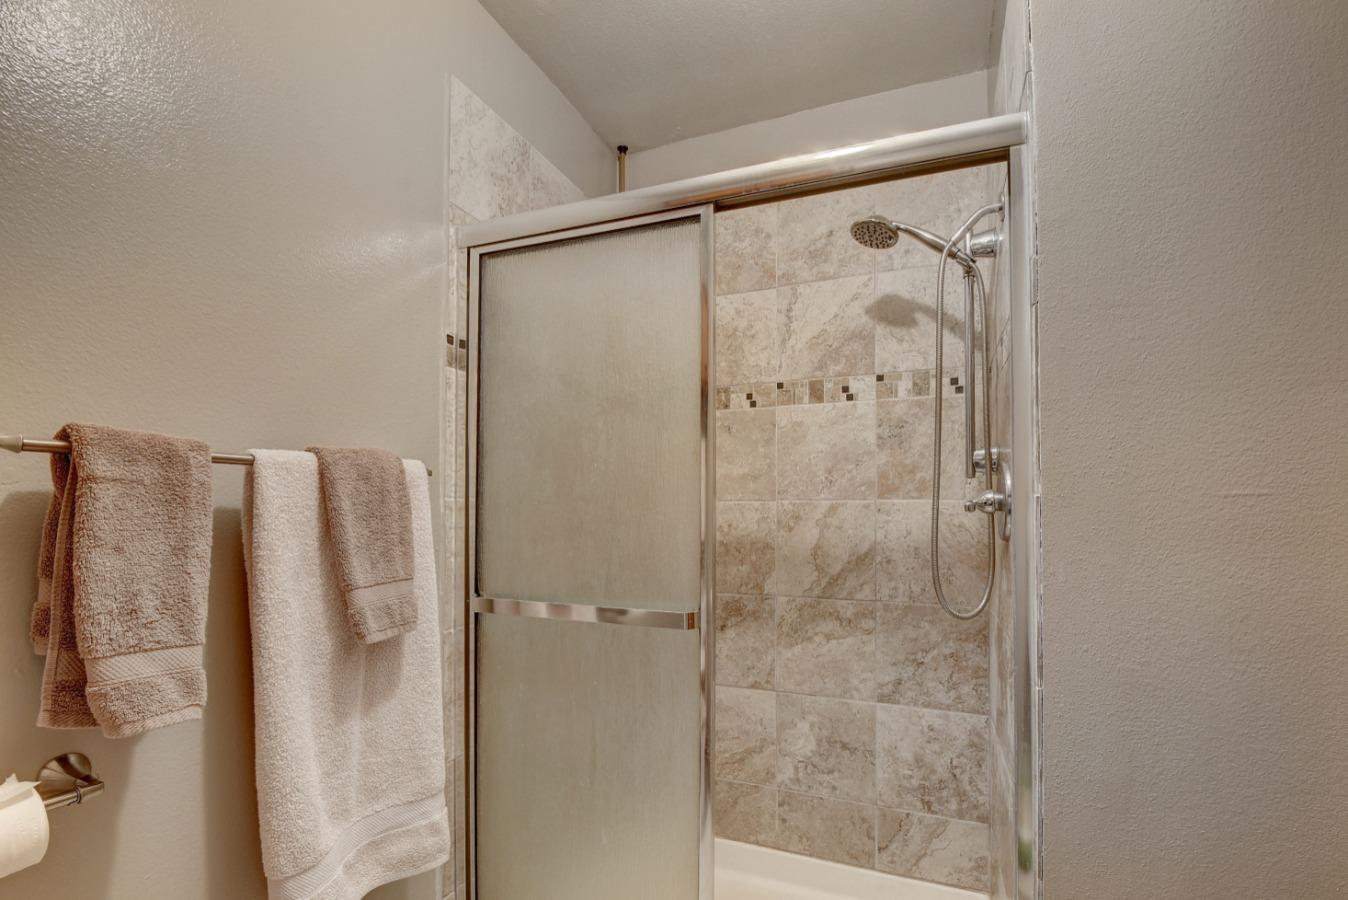 Updated Walk-in Shower